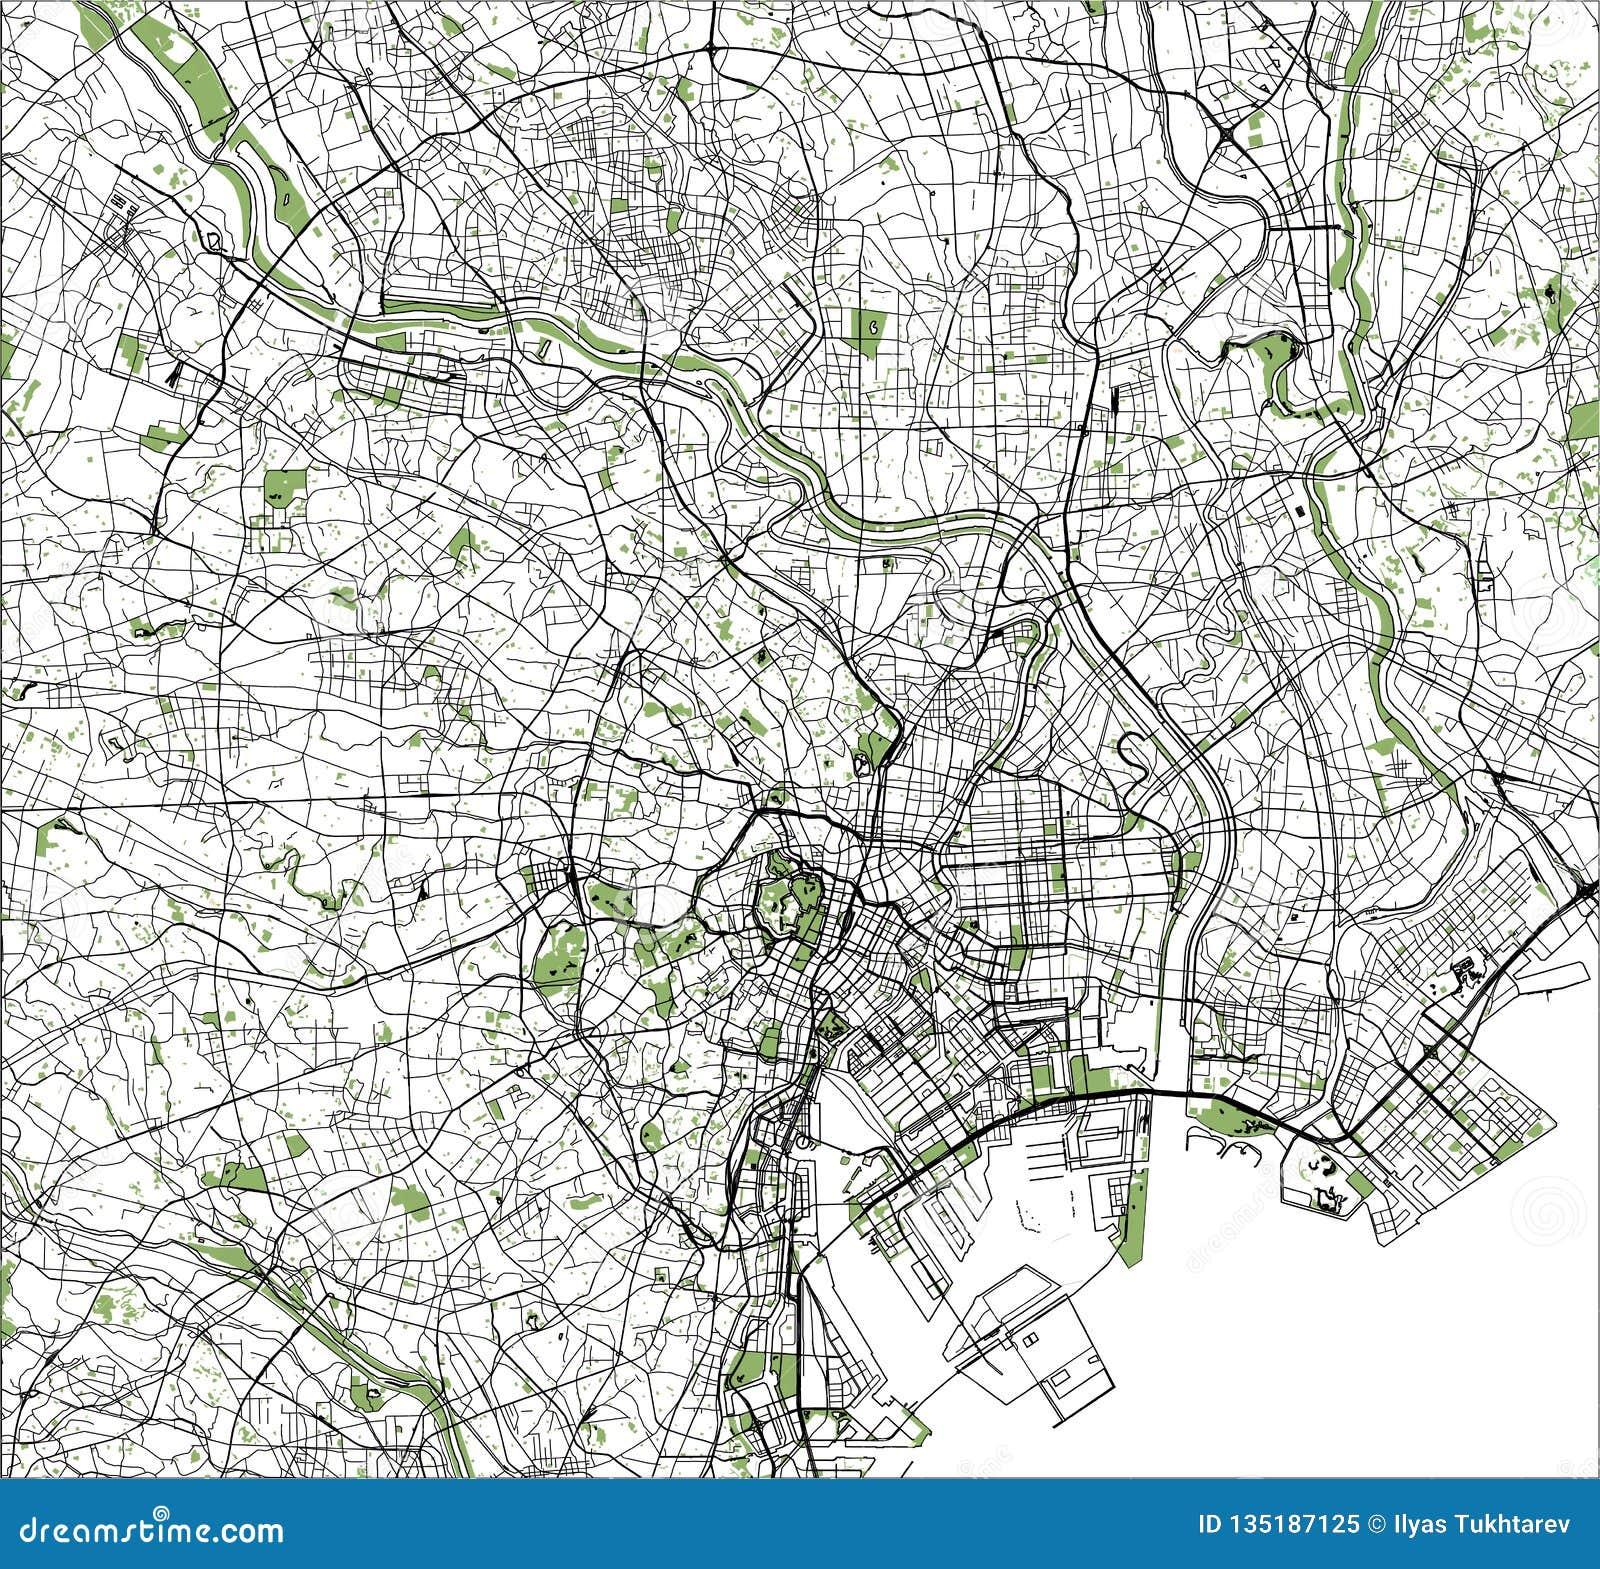 Map Of The City Of Tokyo, Kanto, Island Honshu, Japan Stock ... Kanto Map on tokyo map, chubu map, kanagawa map, unova map, heartgold map, jhoto map, tohoku map, sinnoh map, london map, kyushu map, pokemon yellow map, hokkaido map, all pokemon regions world map, kyoto map, hoenn map, nara map, sevii islands map, nagasaki prefecture map, pokemon x and y map, development map,